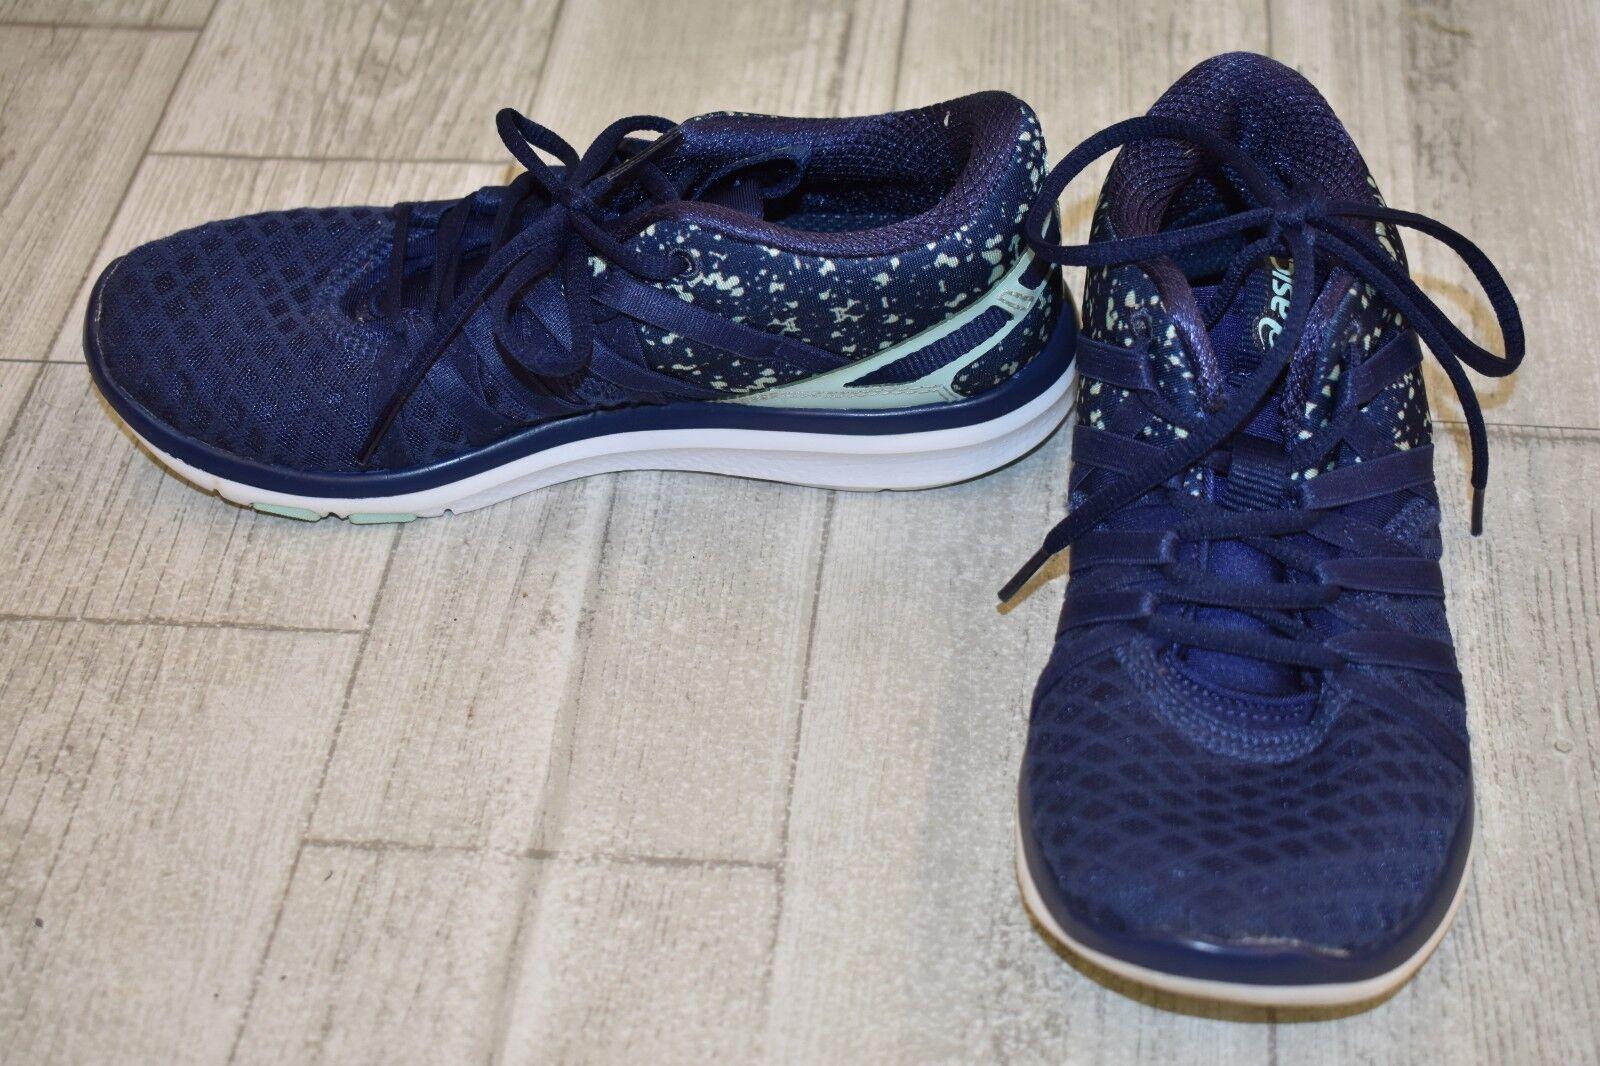 ASICS Gel-Fit YUI Sneaker, Women's Size 5, Indigo Sea